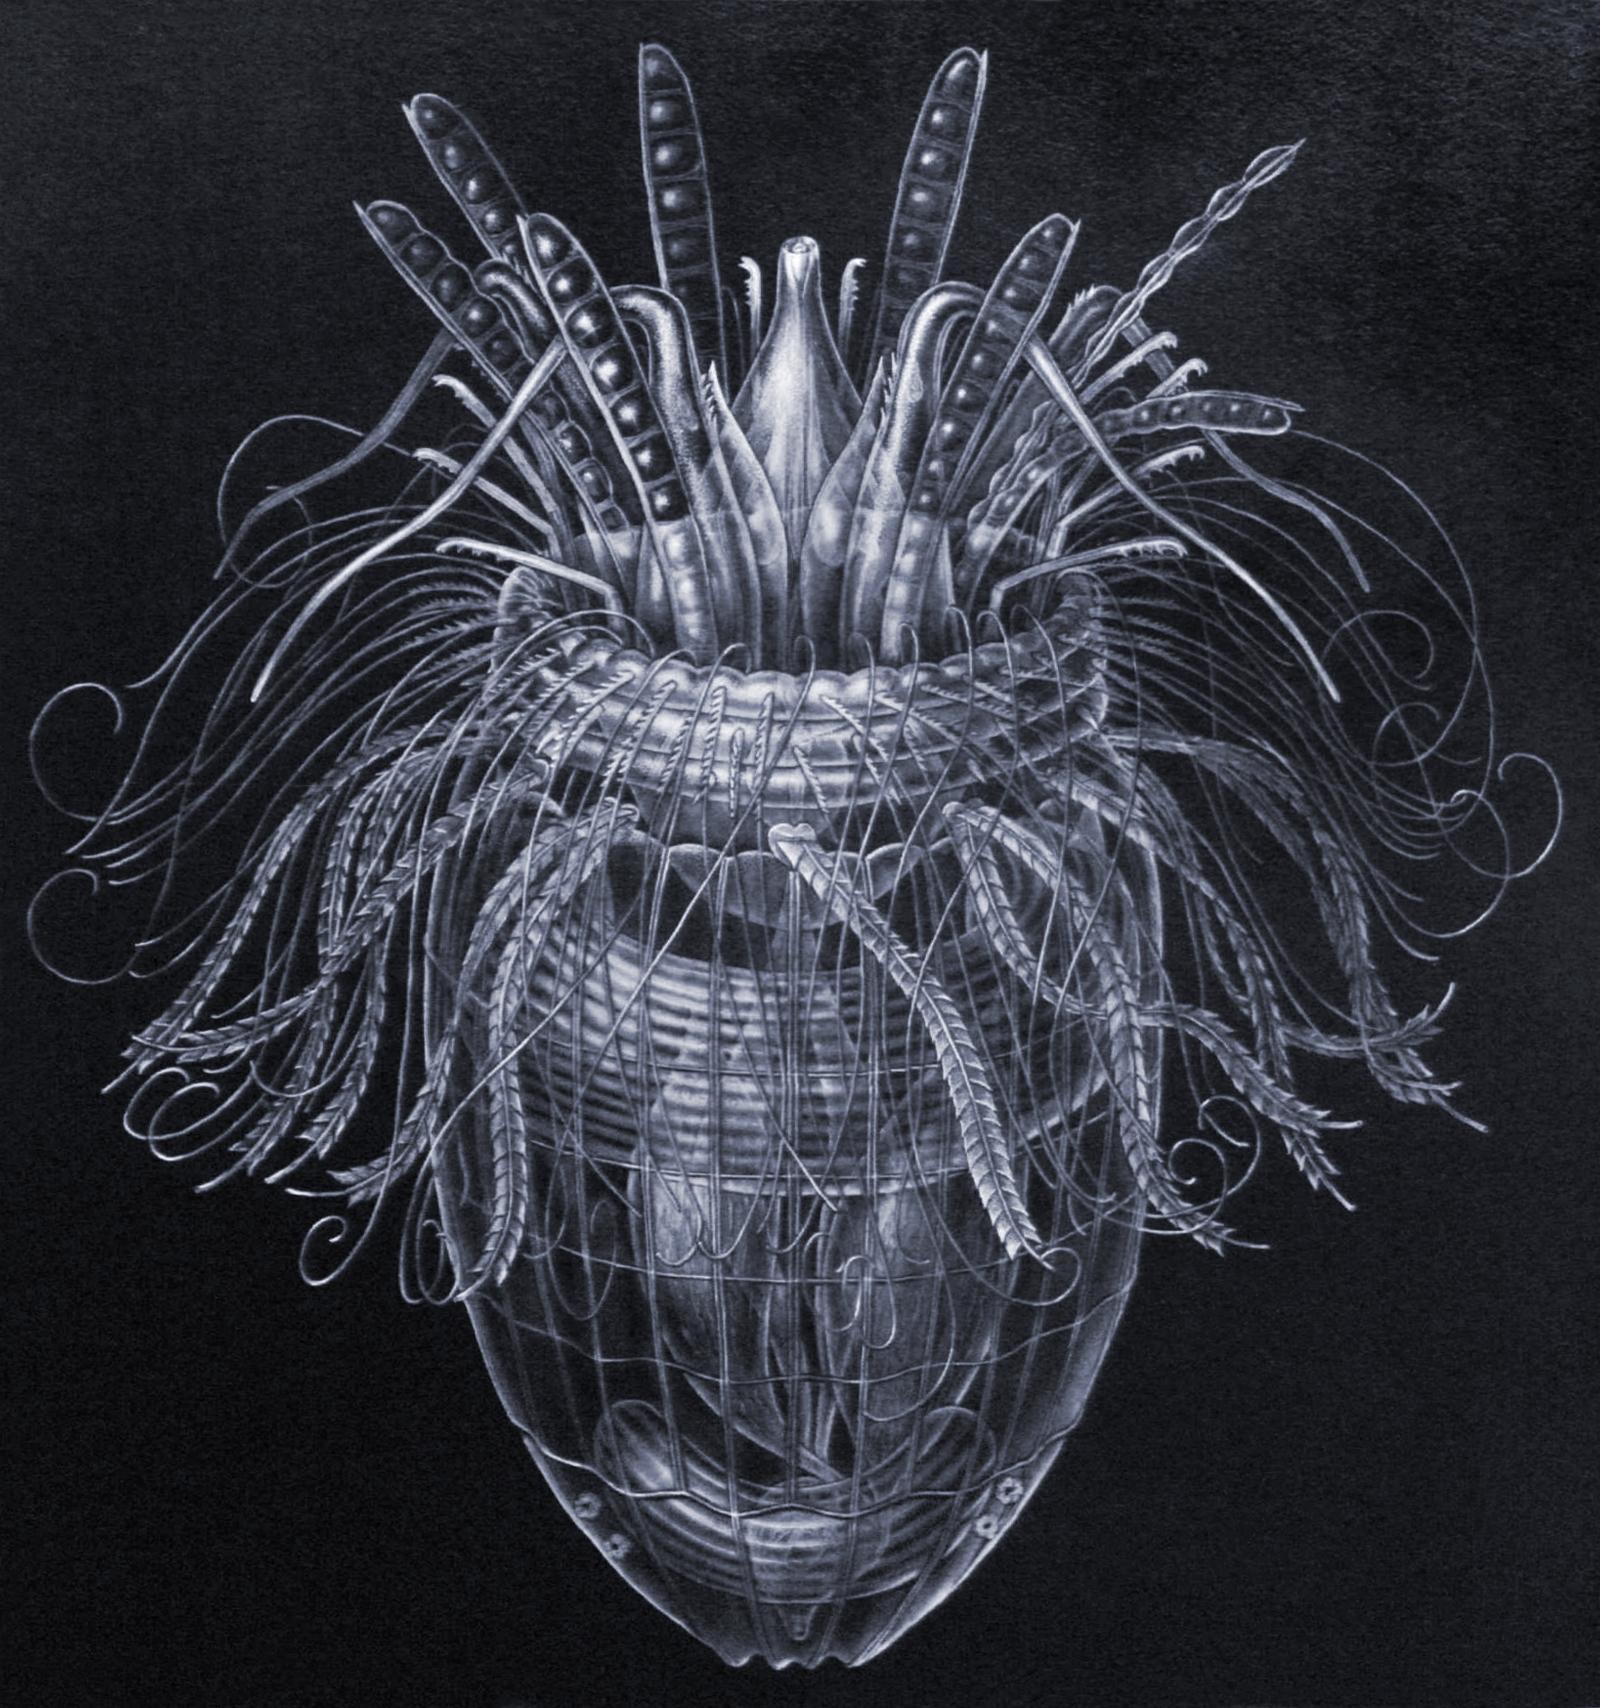 Pliciloricus enigmatus, a Loriciferan